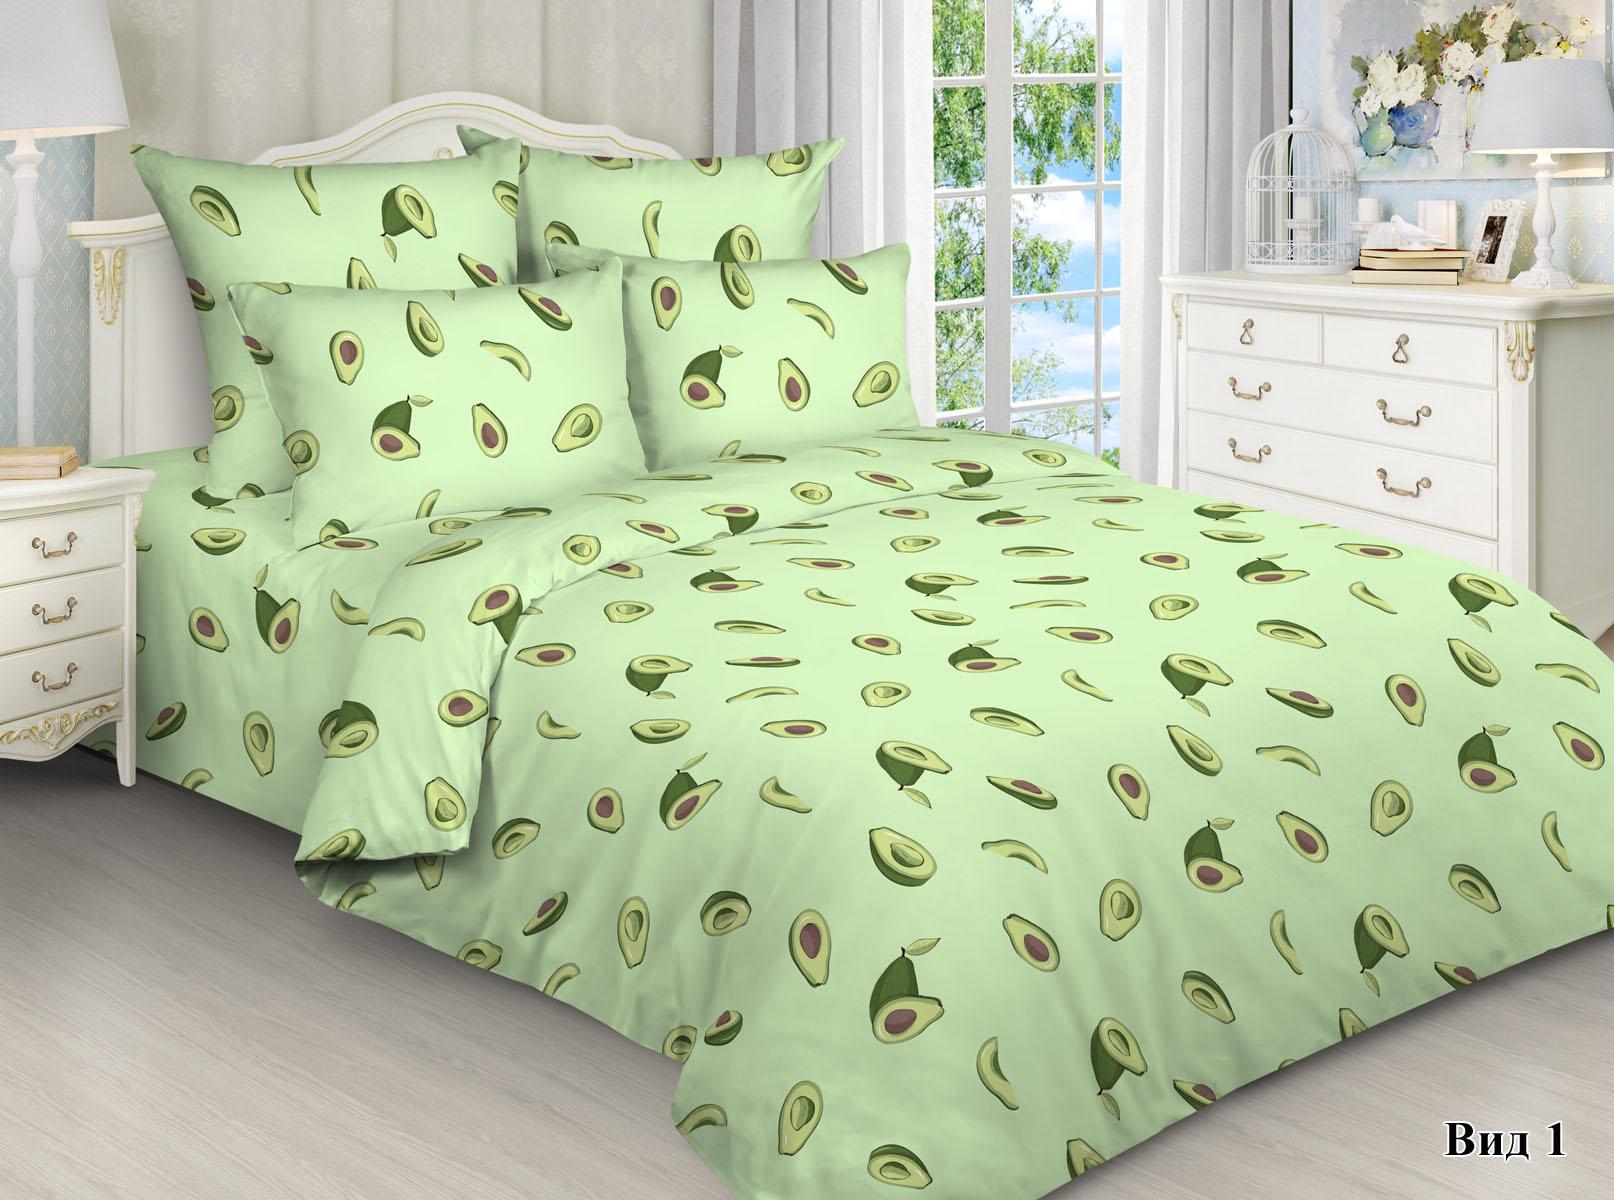 Купить ткань для постельного в новосибирске ткань атлас купить в москве в розницу